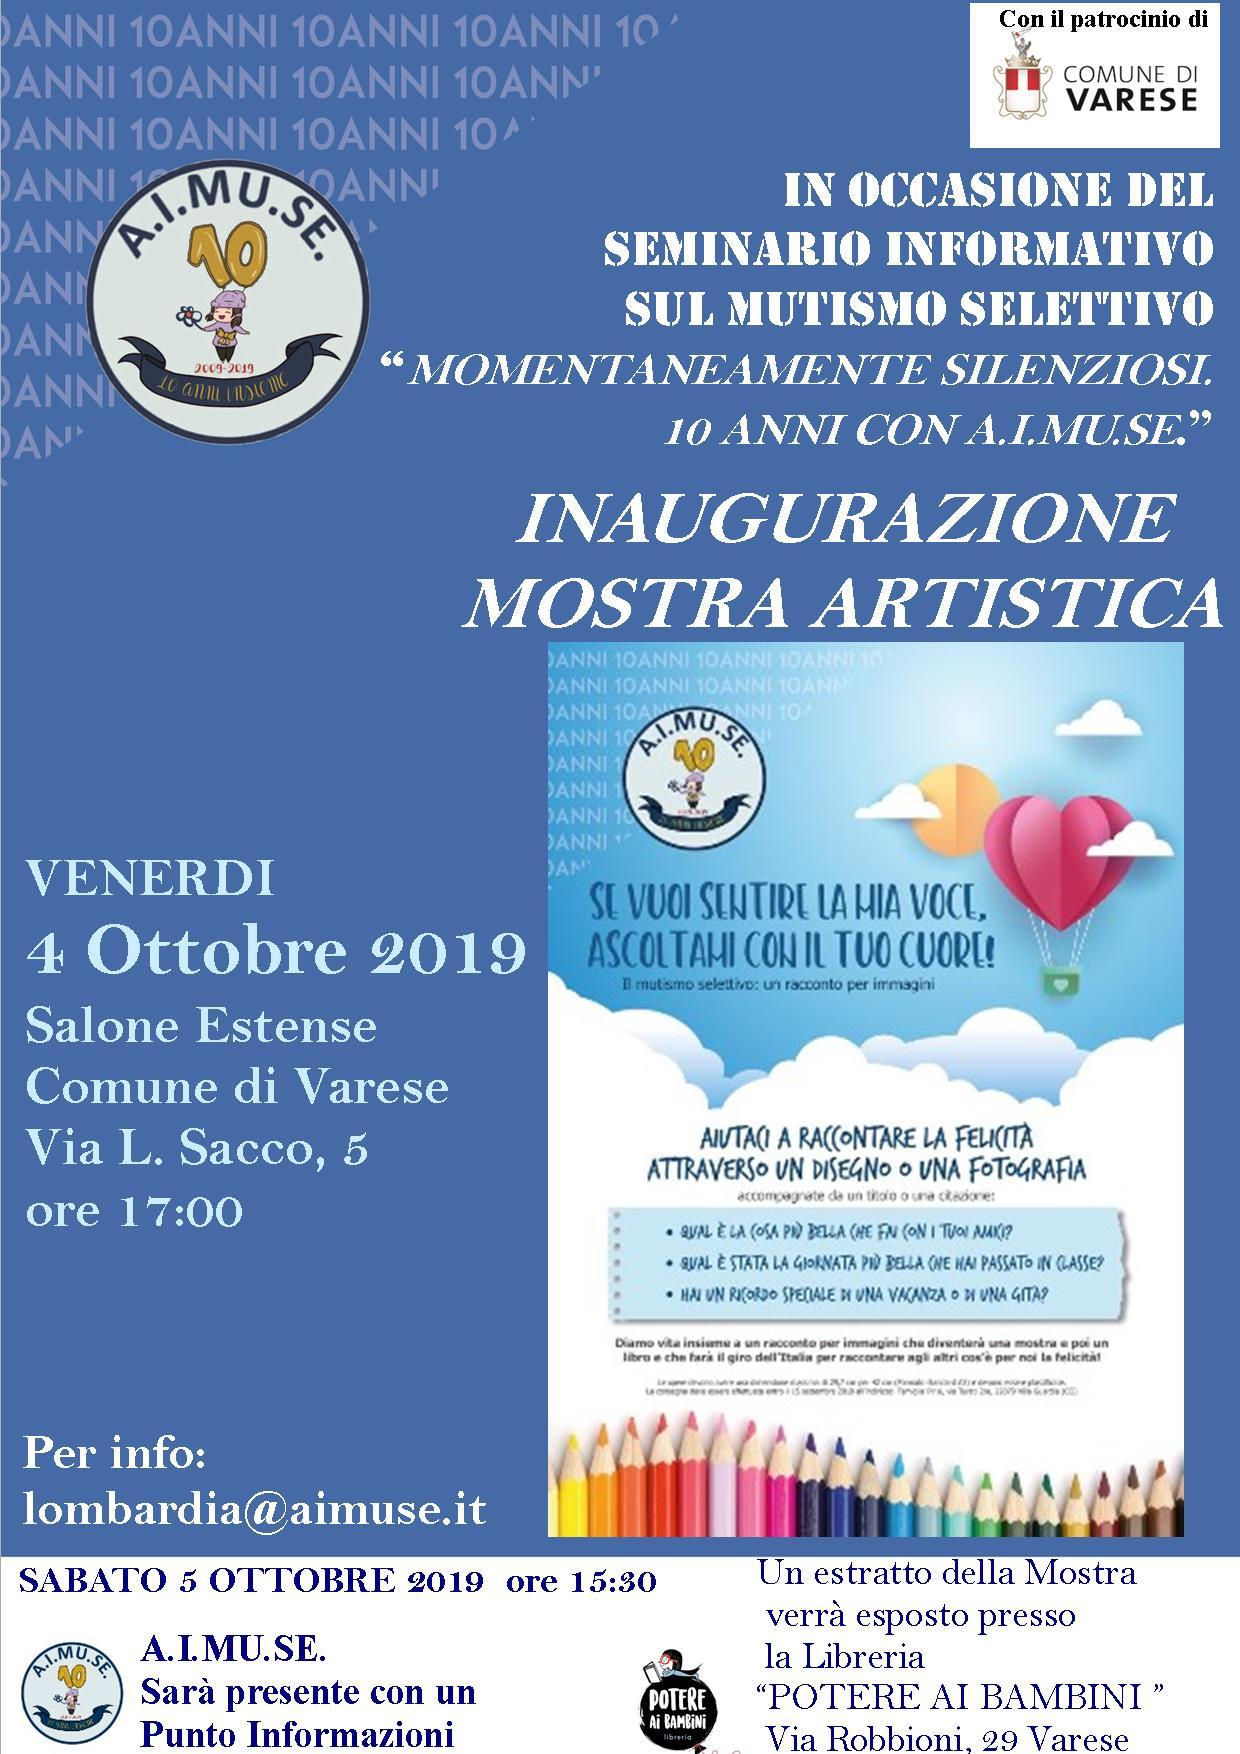 Varese – Inaugurazione Mostra Artistica – 4 ottobre 2019